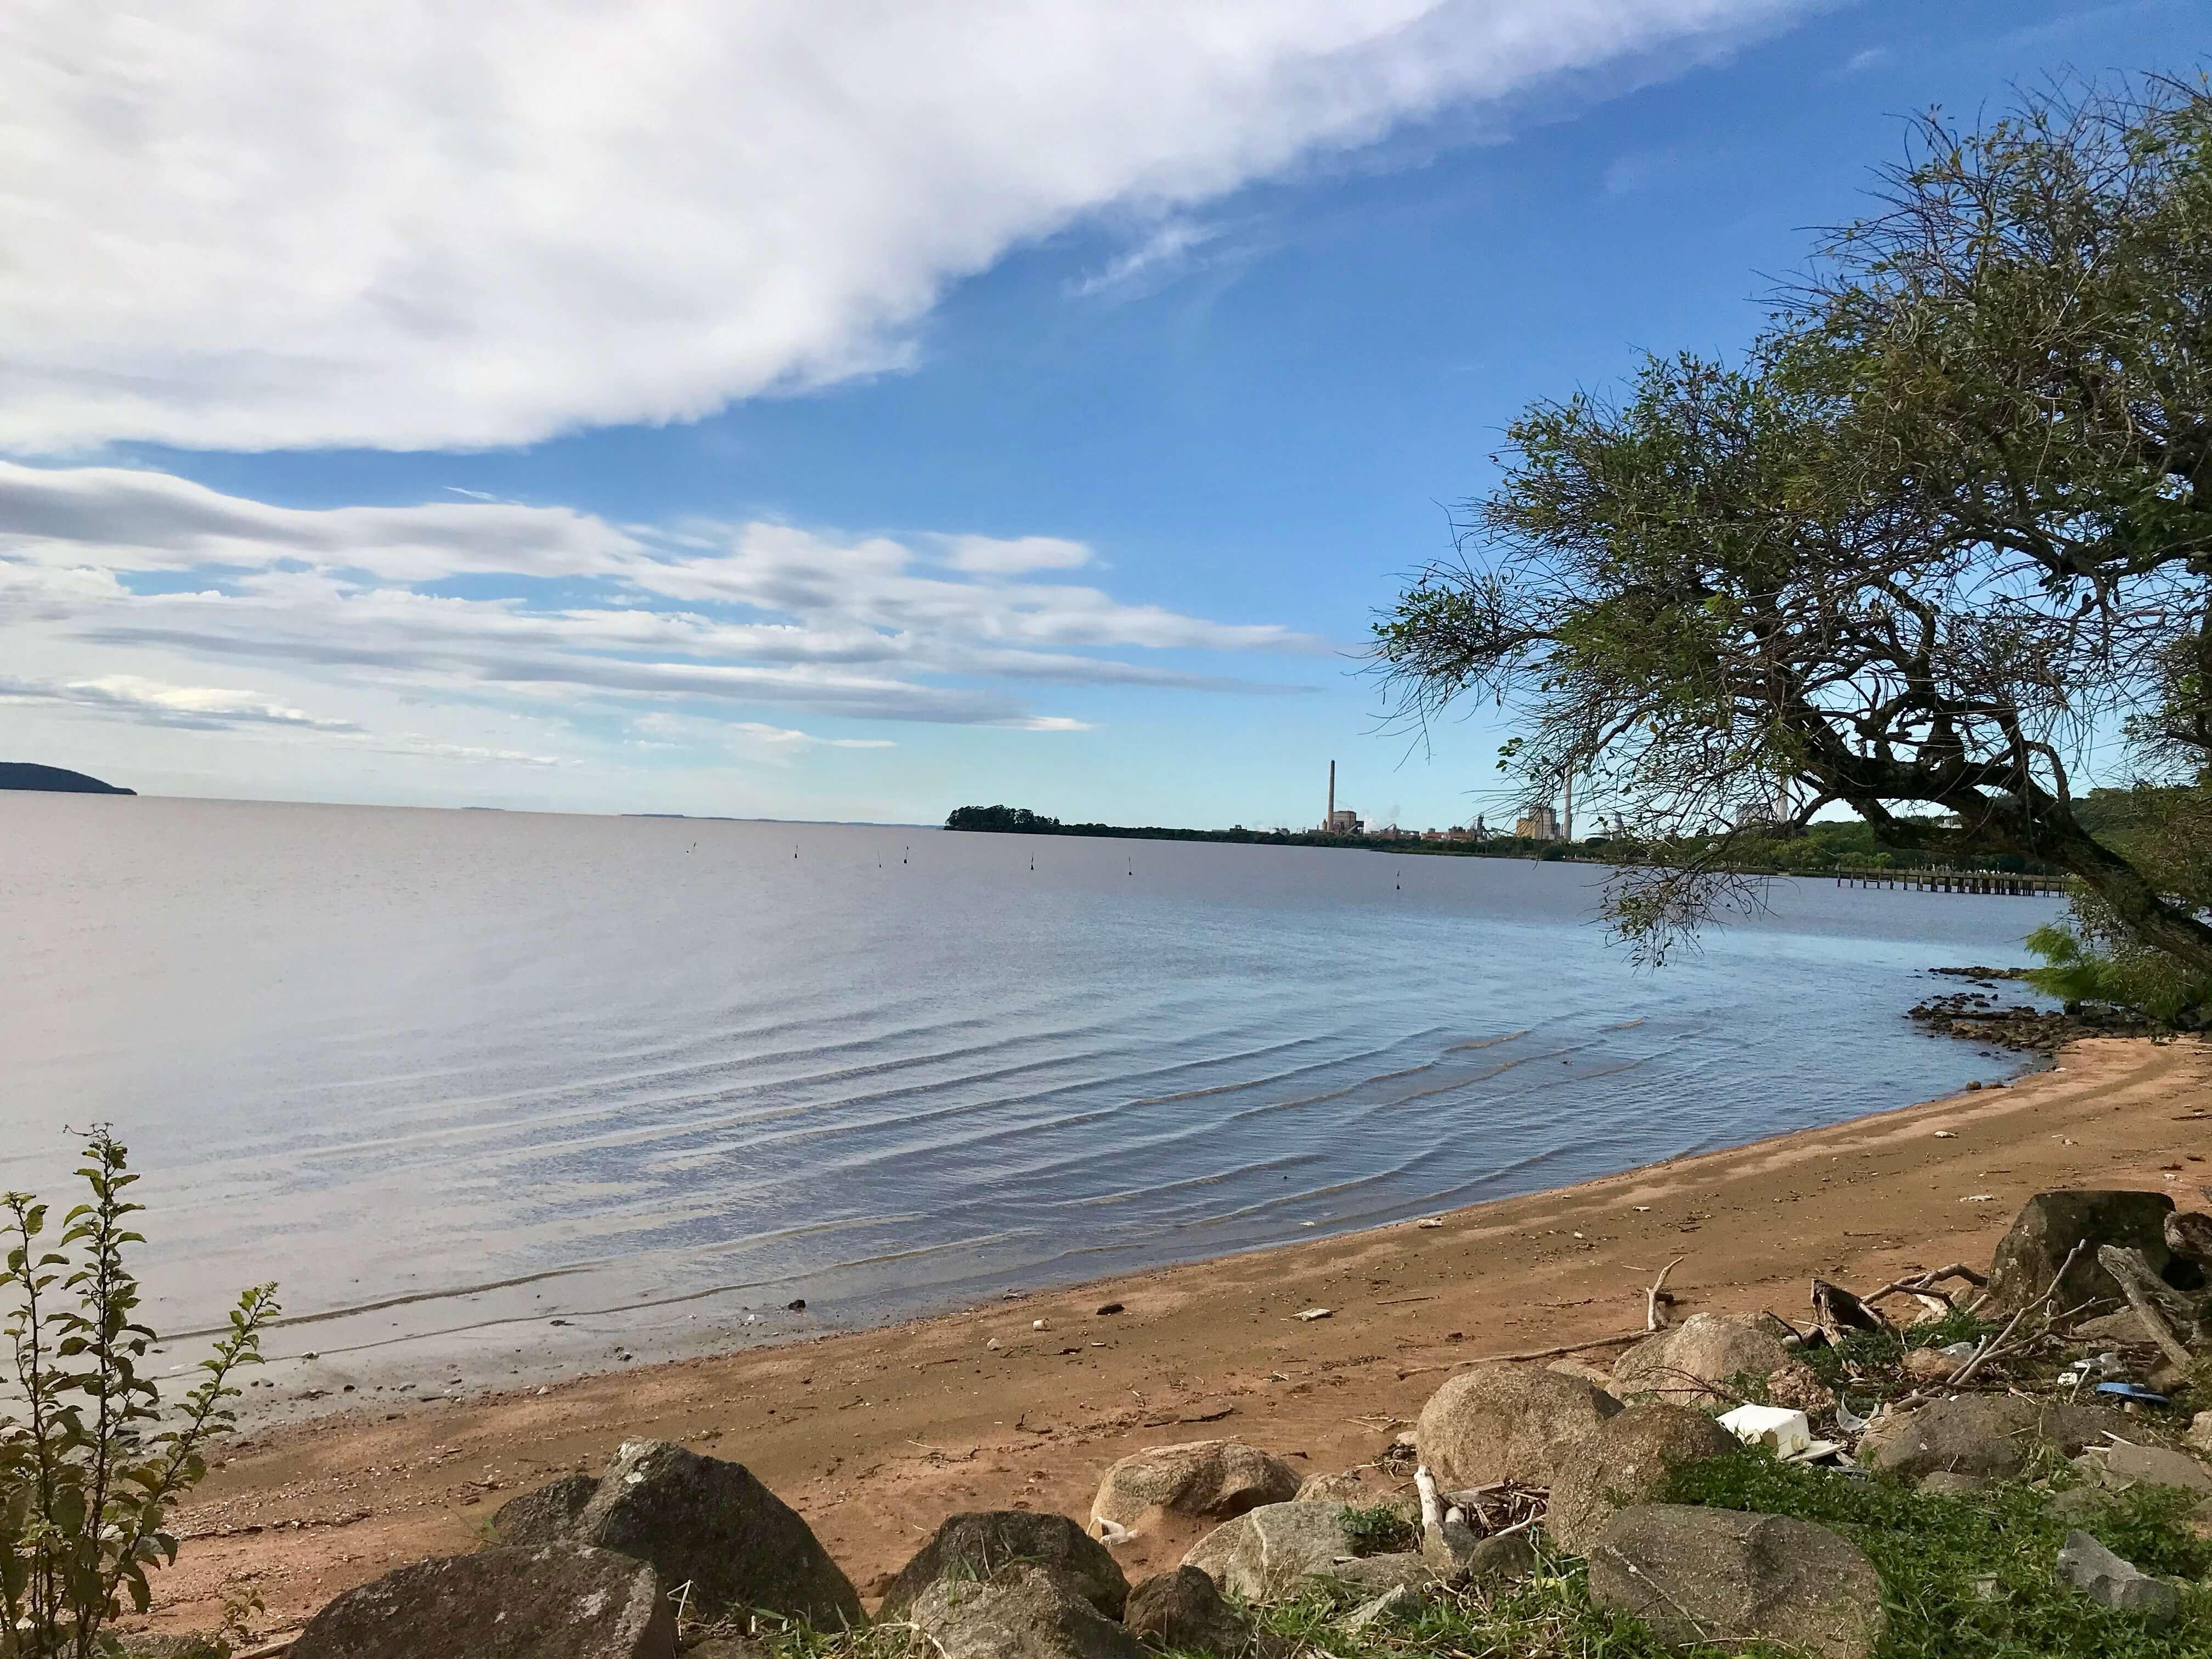 vista da orla do rio guaíba